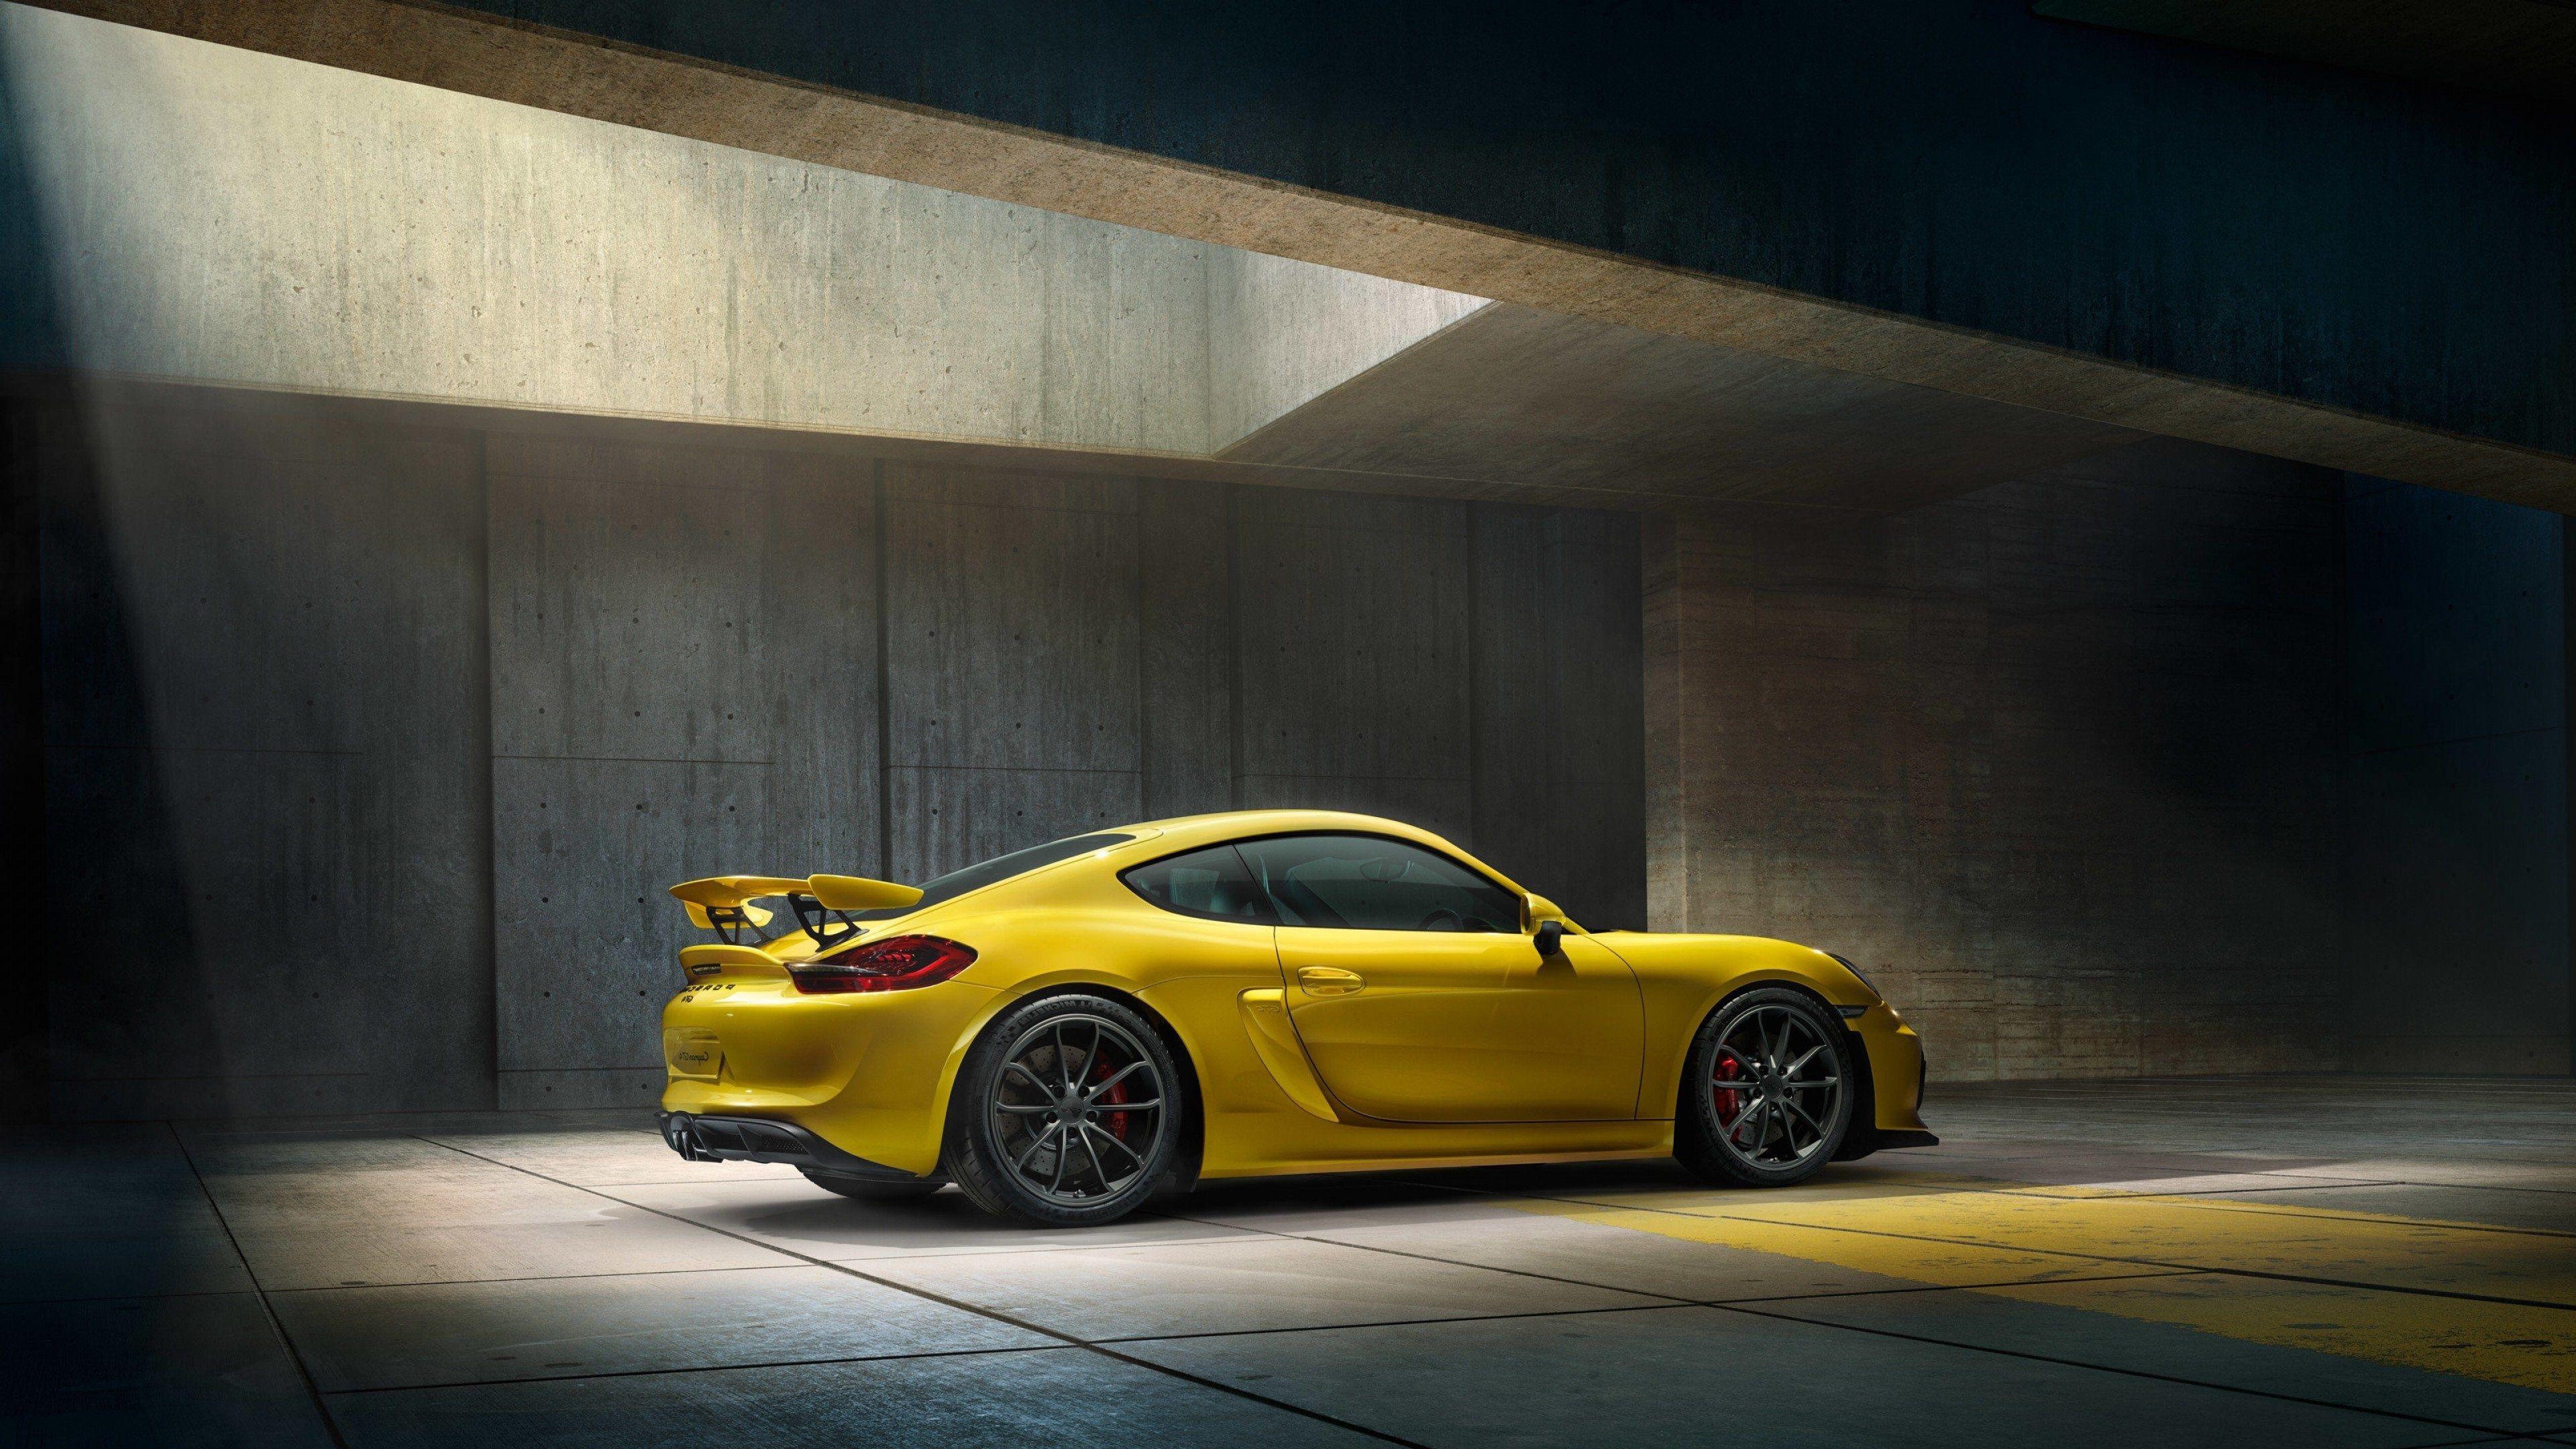 3840x2160 Porsche Cayman 4k Hd Desktop Wallpaper Coches Bmw Autos Y Motocicletas Coches Y Motocicletas